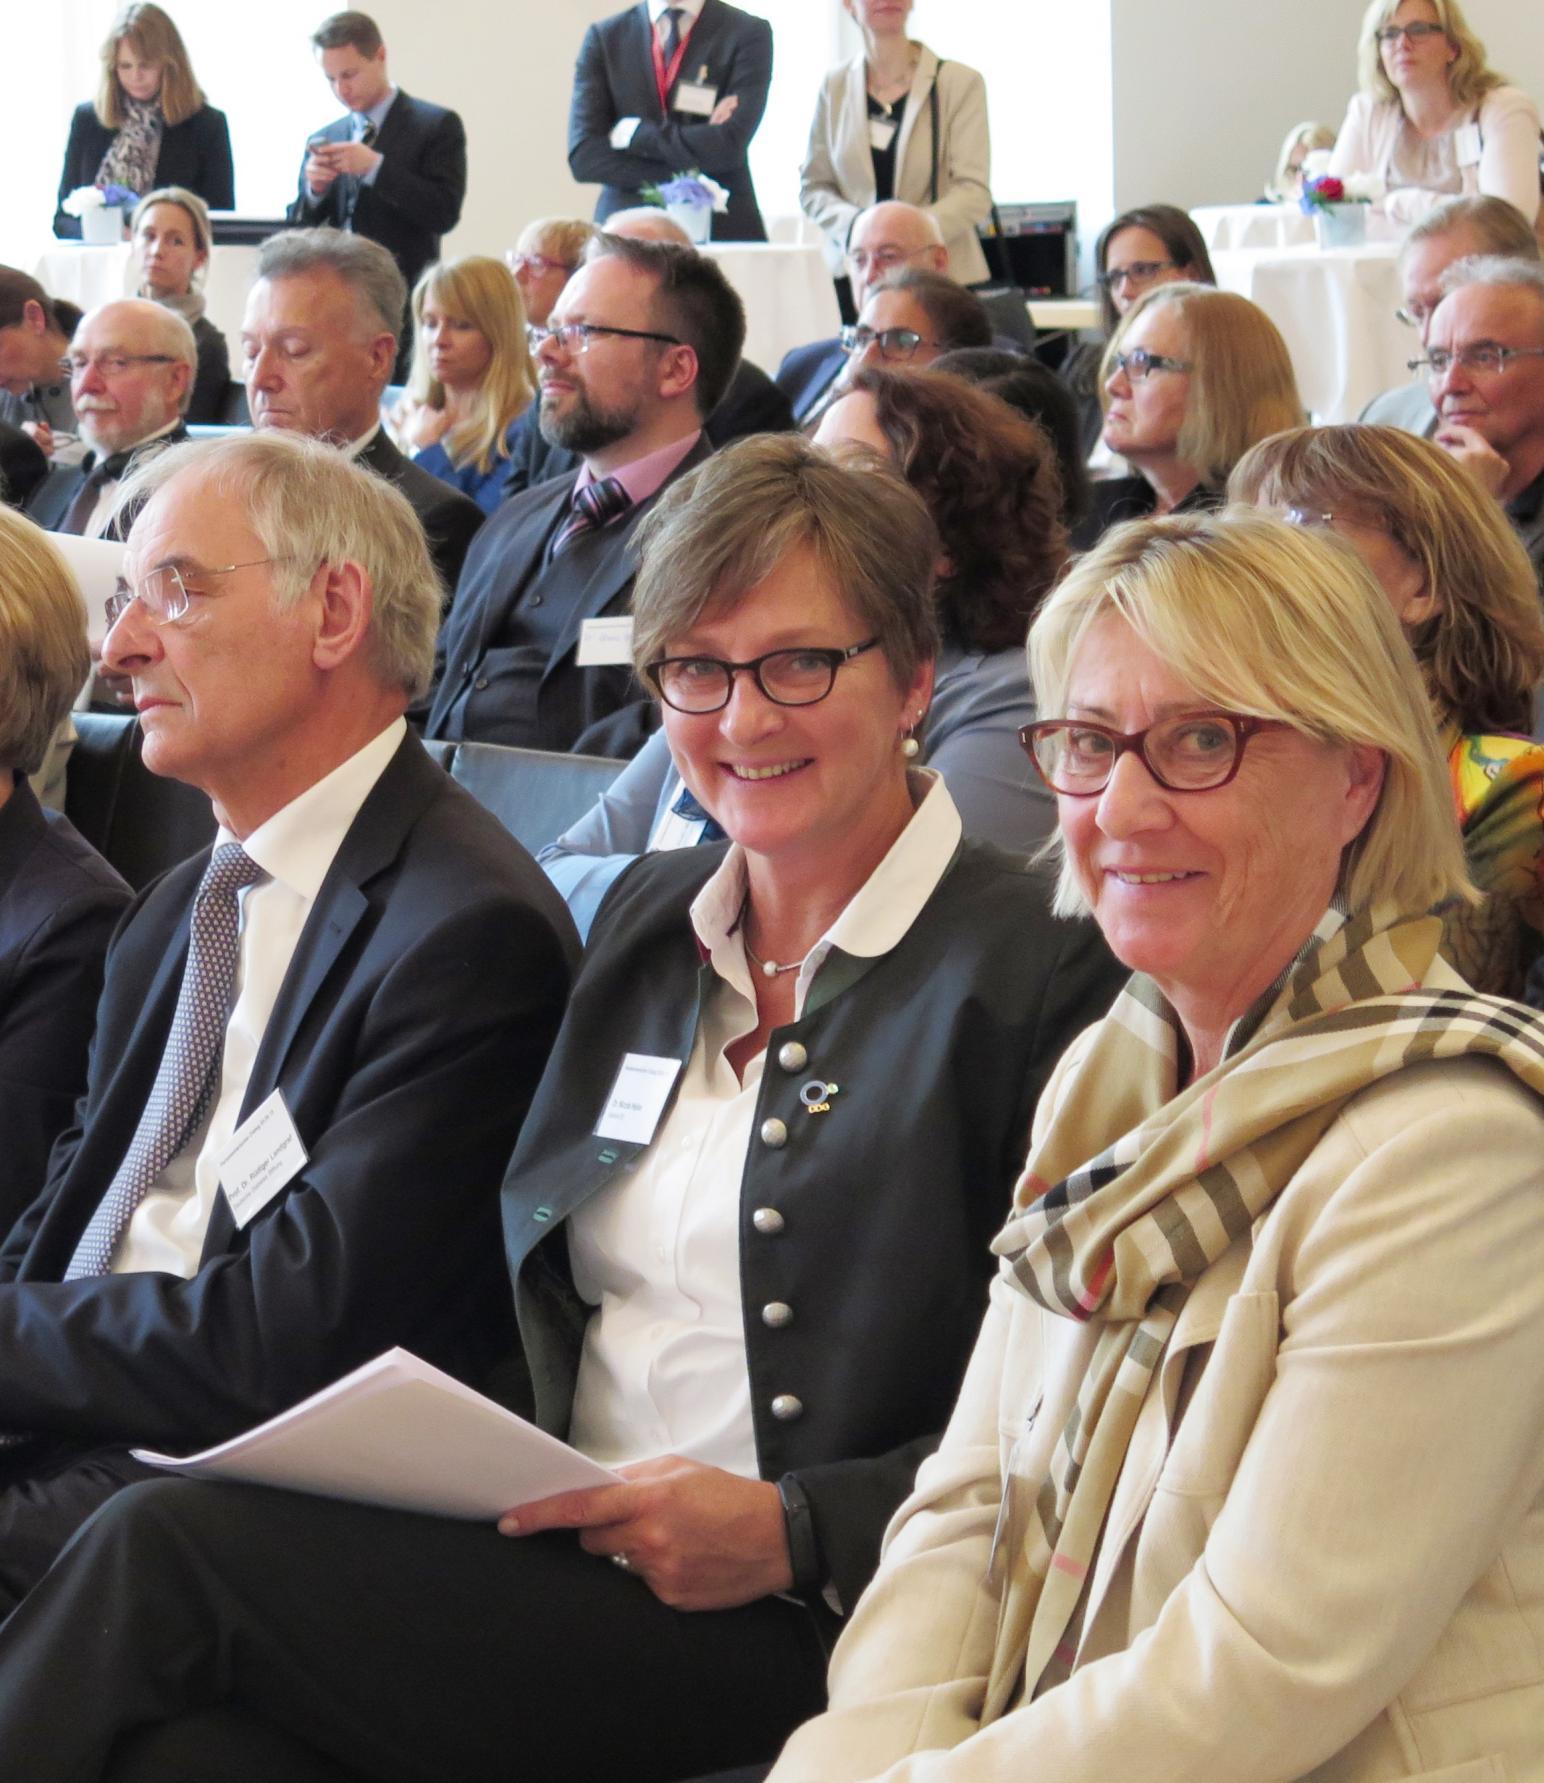 Nicola Haller und Jutta Schümann beim Dänisch-Bayerischen Dialog